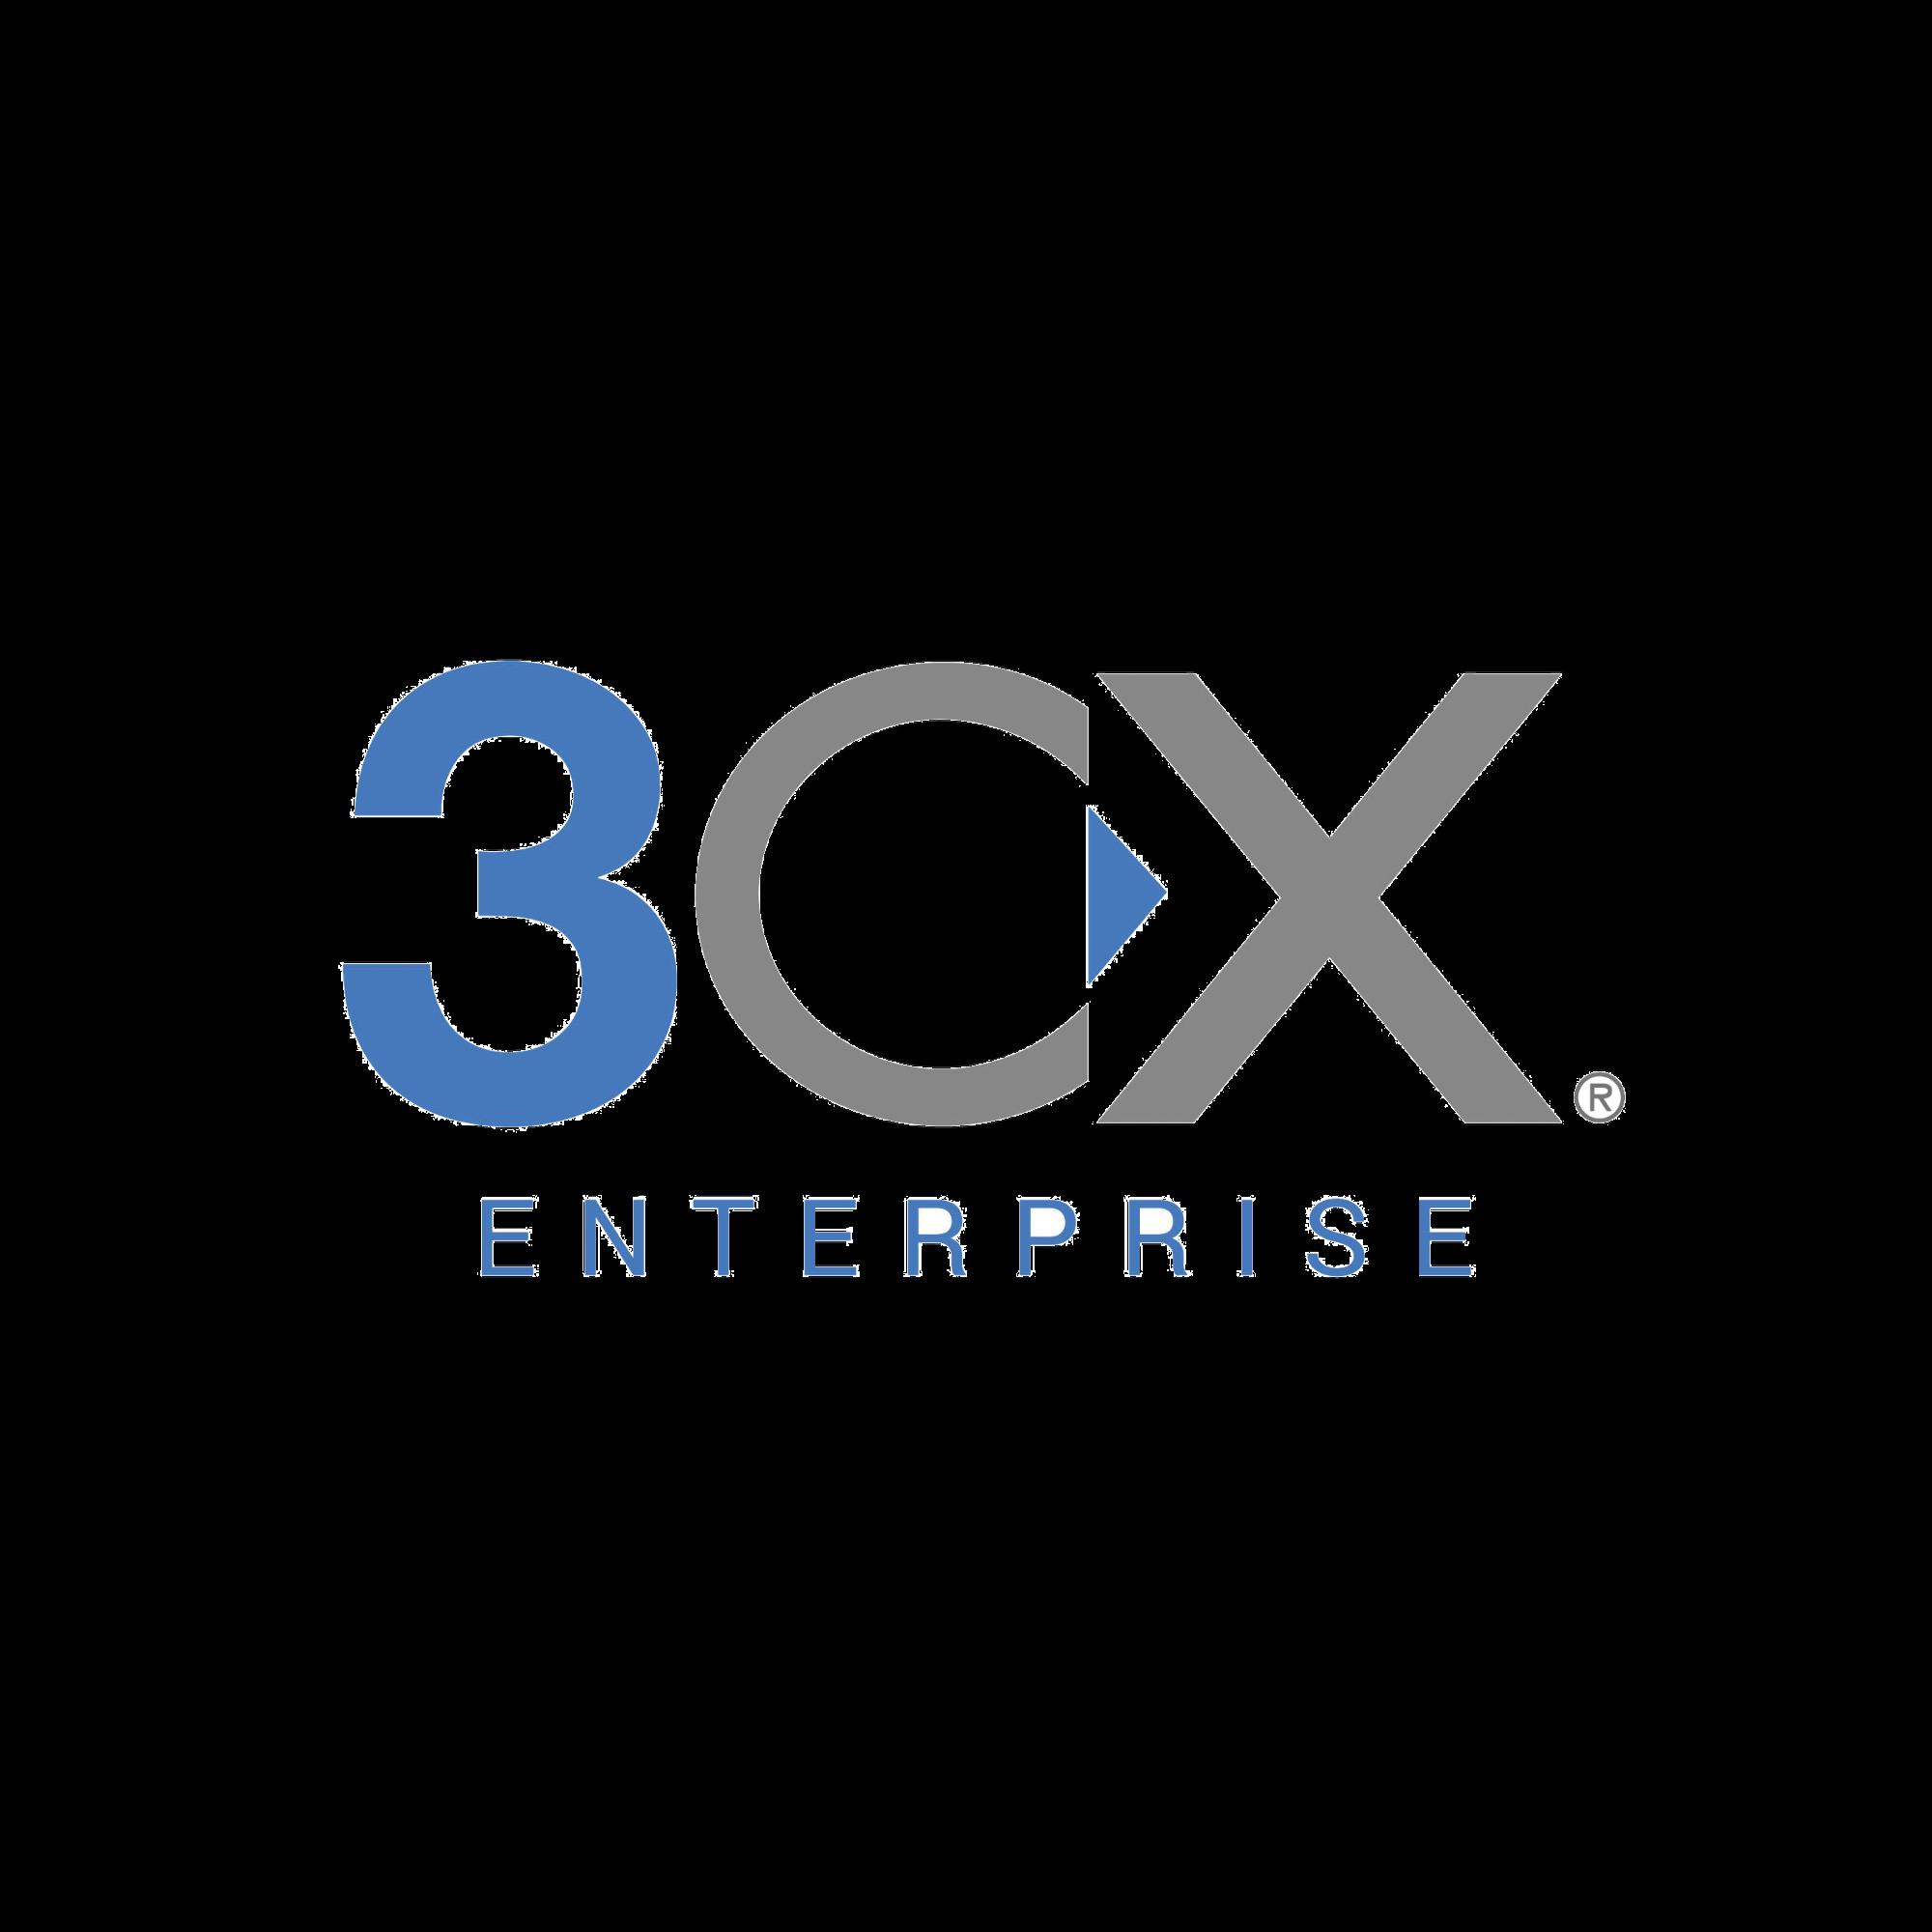 Licencia anual de 3CX Enterprise para 256 llamadas simultáneas y extensiones ilimitadas